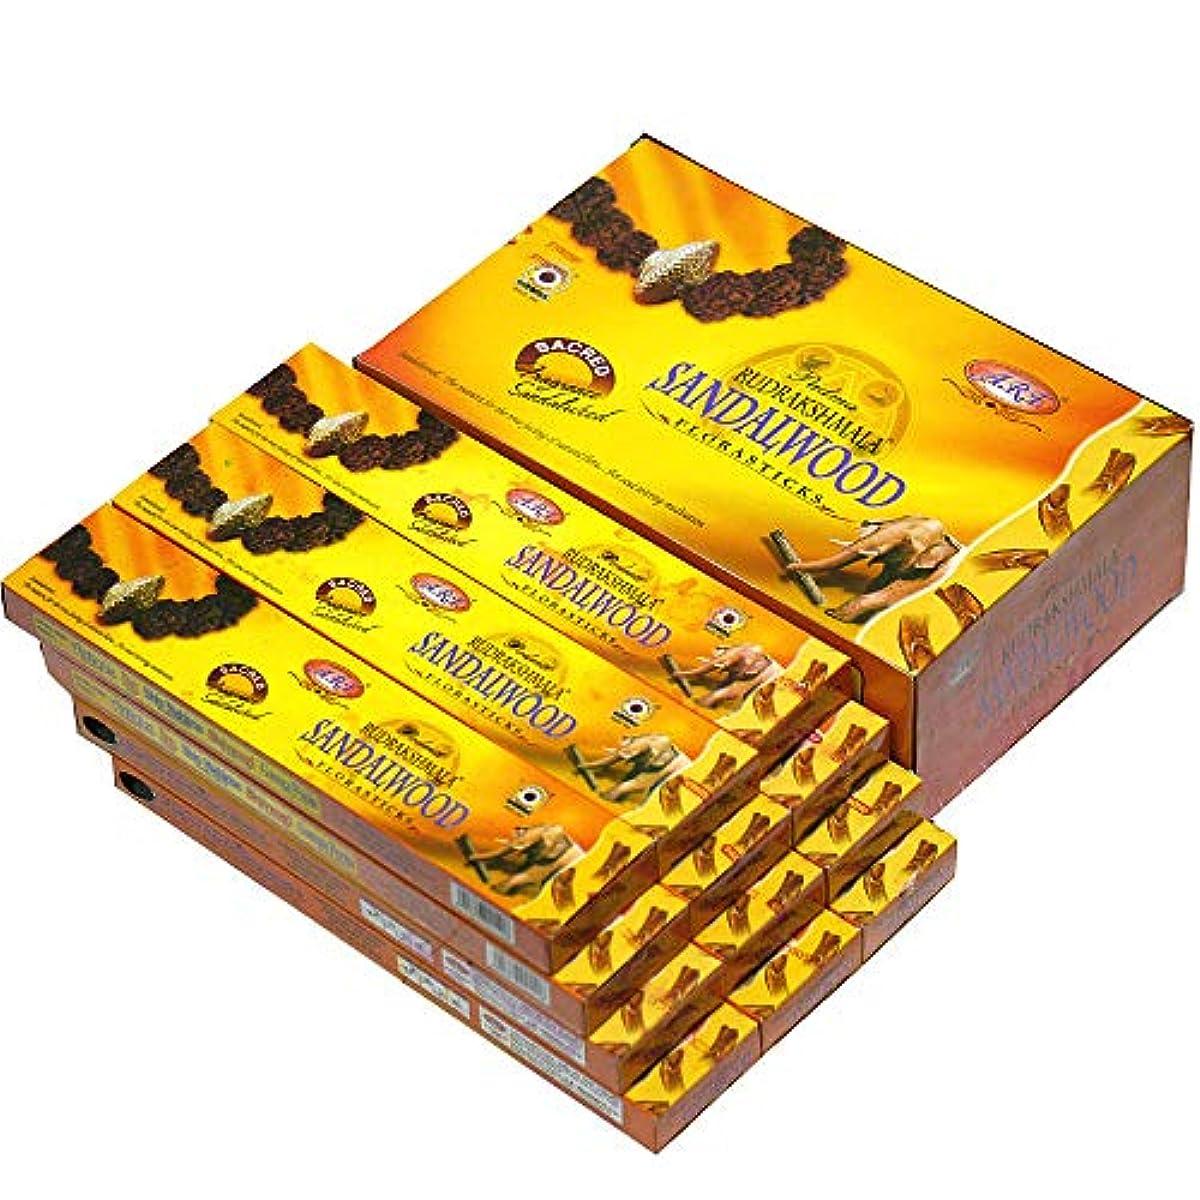 神の郵便屋さん幹PADMA(パドマー) RUDRAKSH ルドラクシャ香 スティック 12箱セット